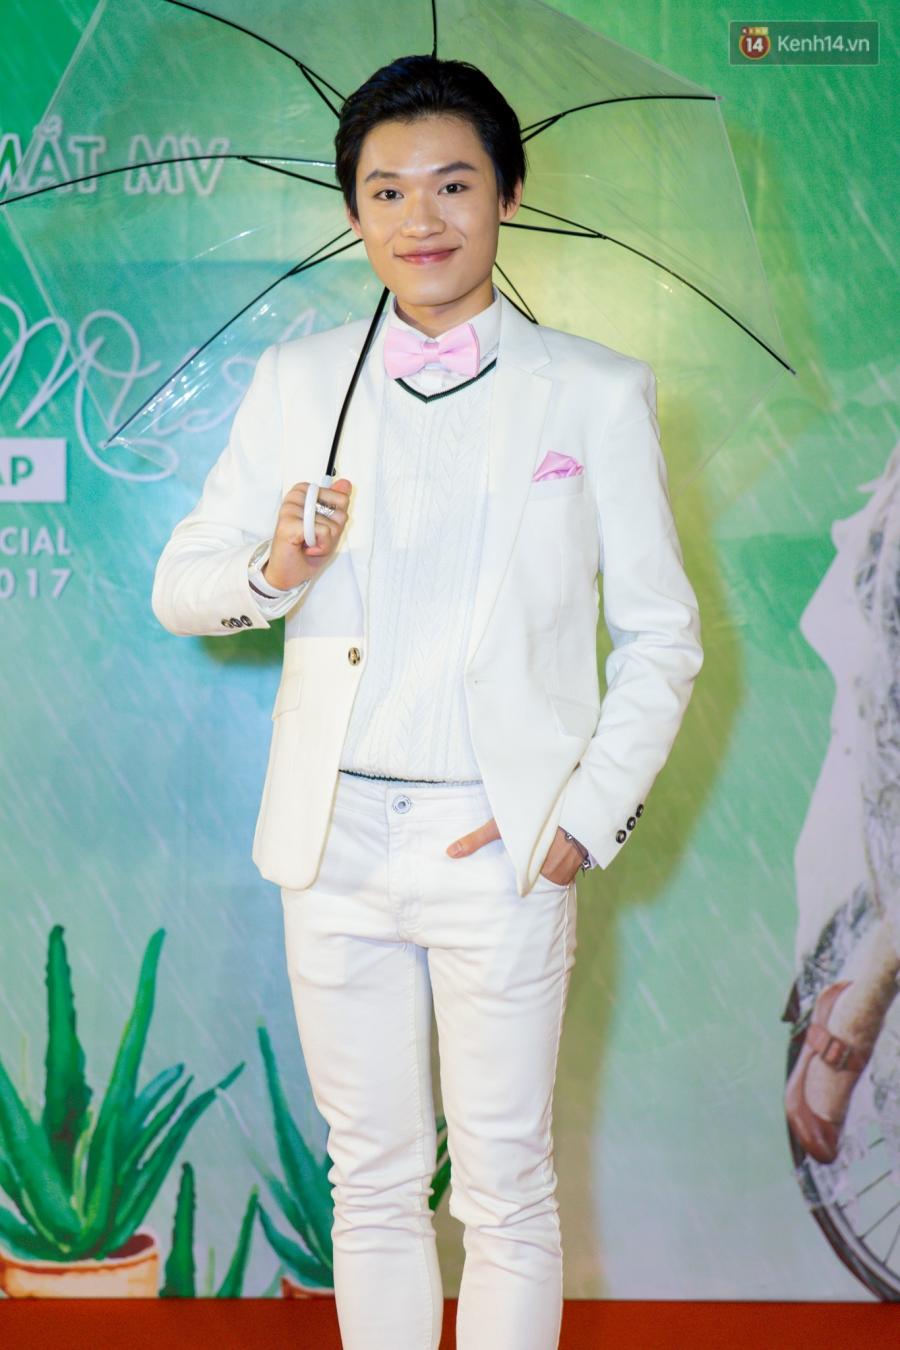 Huỳnh Lập vào vai Em gái... lầy, biến Em gái mưa sầu thảm thành một chuỗi hài kịch cười đau bụng - Ảnh 4.